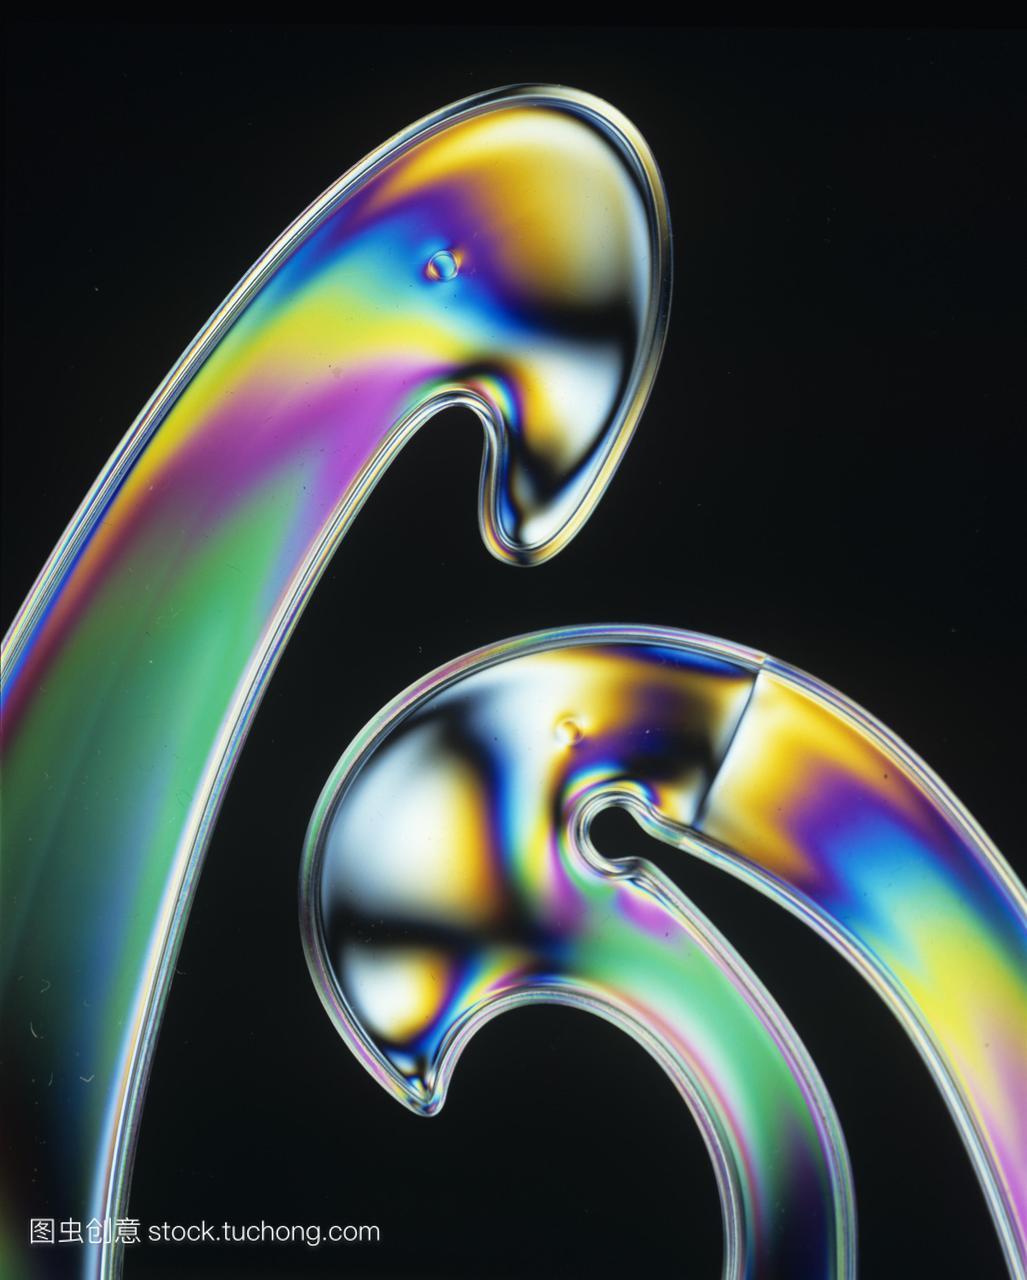 光弹性图纸的法国应力模式表示认为偏振光。塑使用曲线中什么rl意思排水管图片